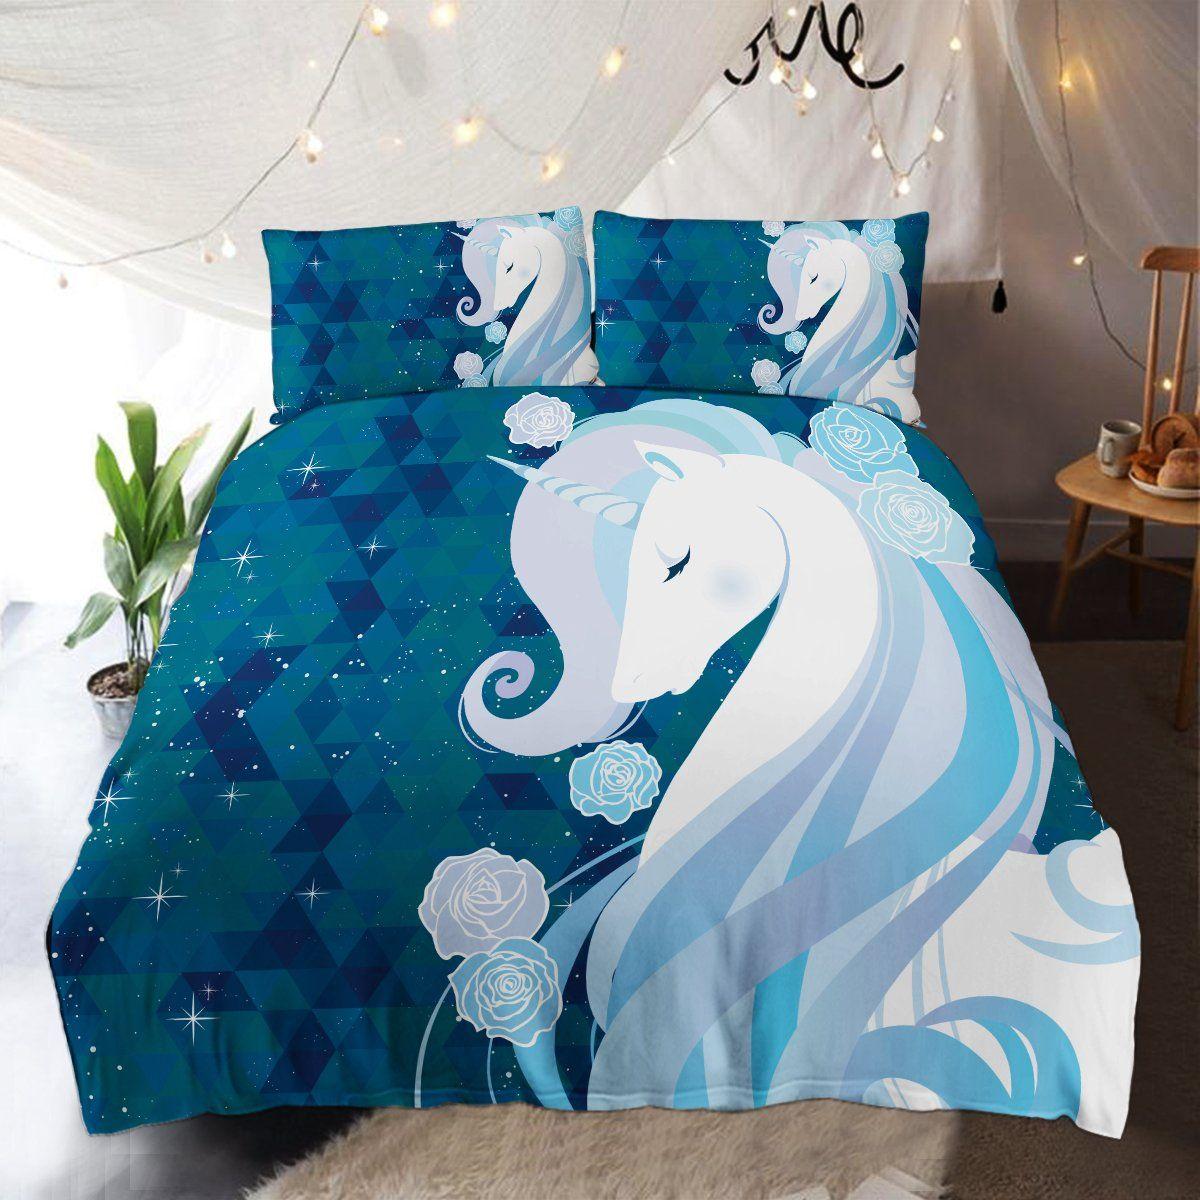 Cute Blue 3d Printed Unicorn Bedding Set Duvet Cover Shop For Sale